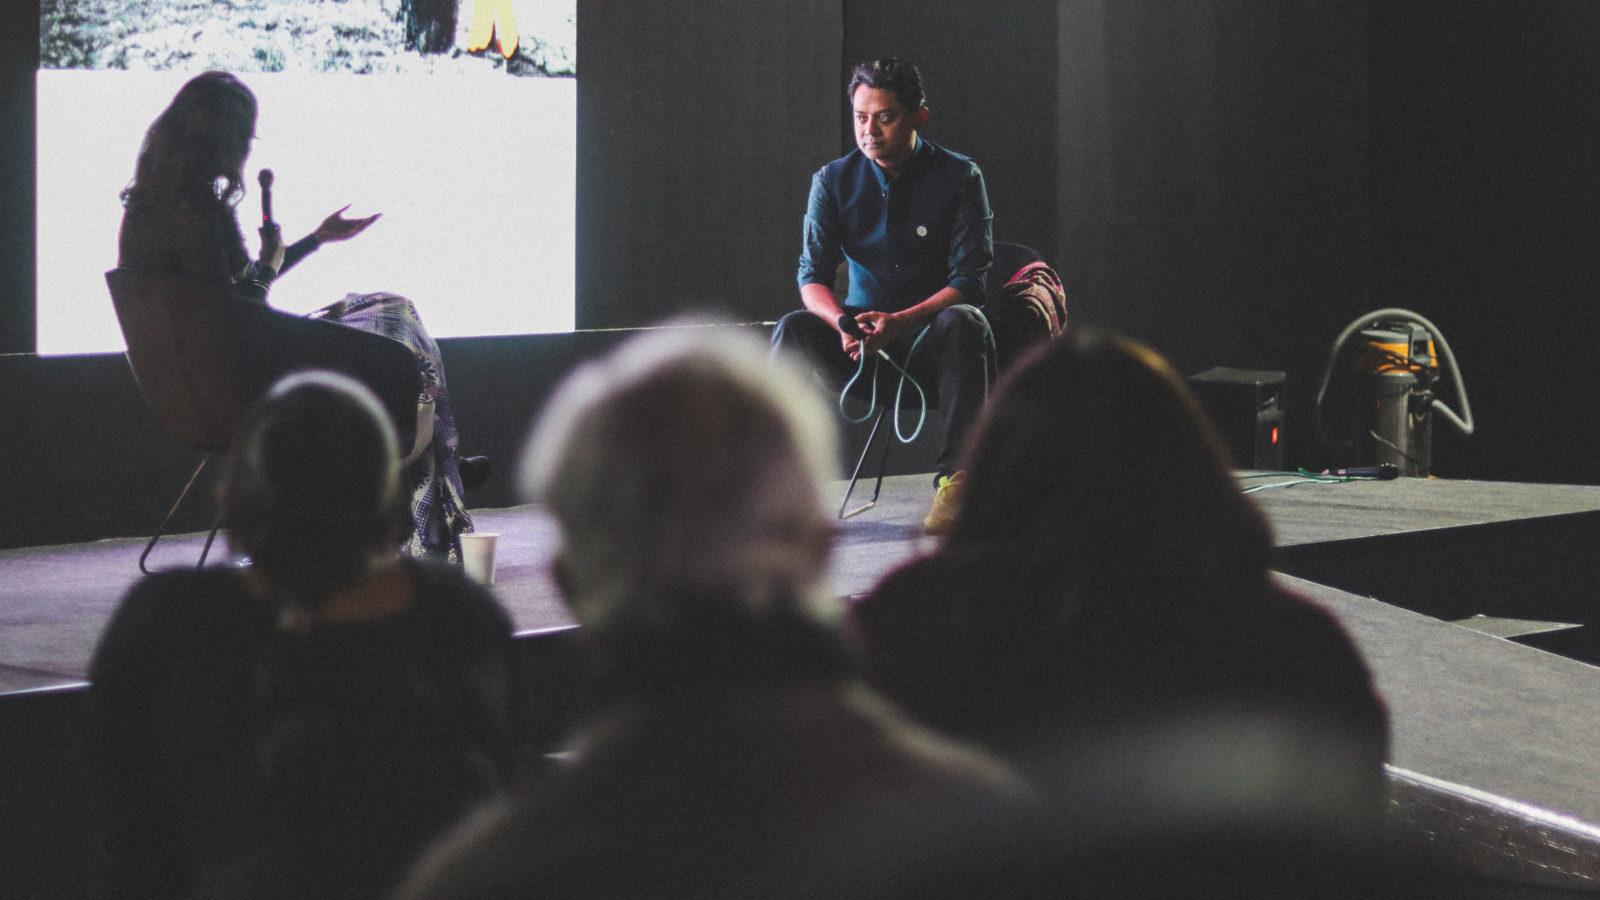 Naeem Mohaiemen discusses his work at an Auditorium Talk, 2020. Courtesy of India Art Fair